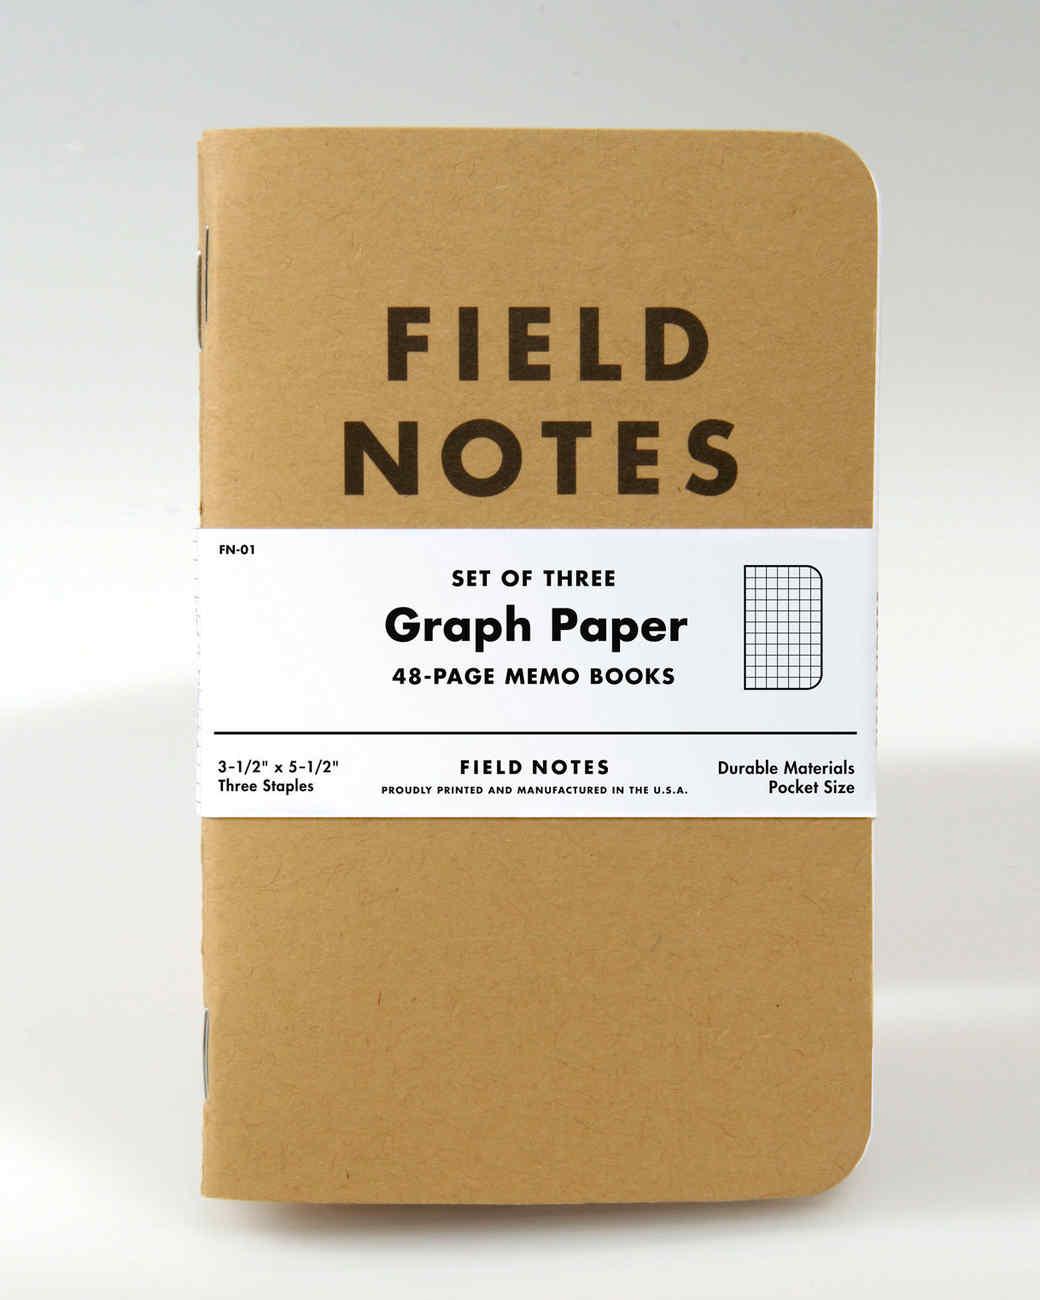 fieldnotes-0714.jpg